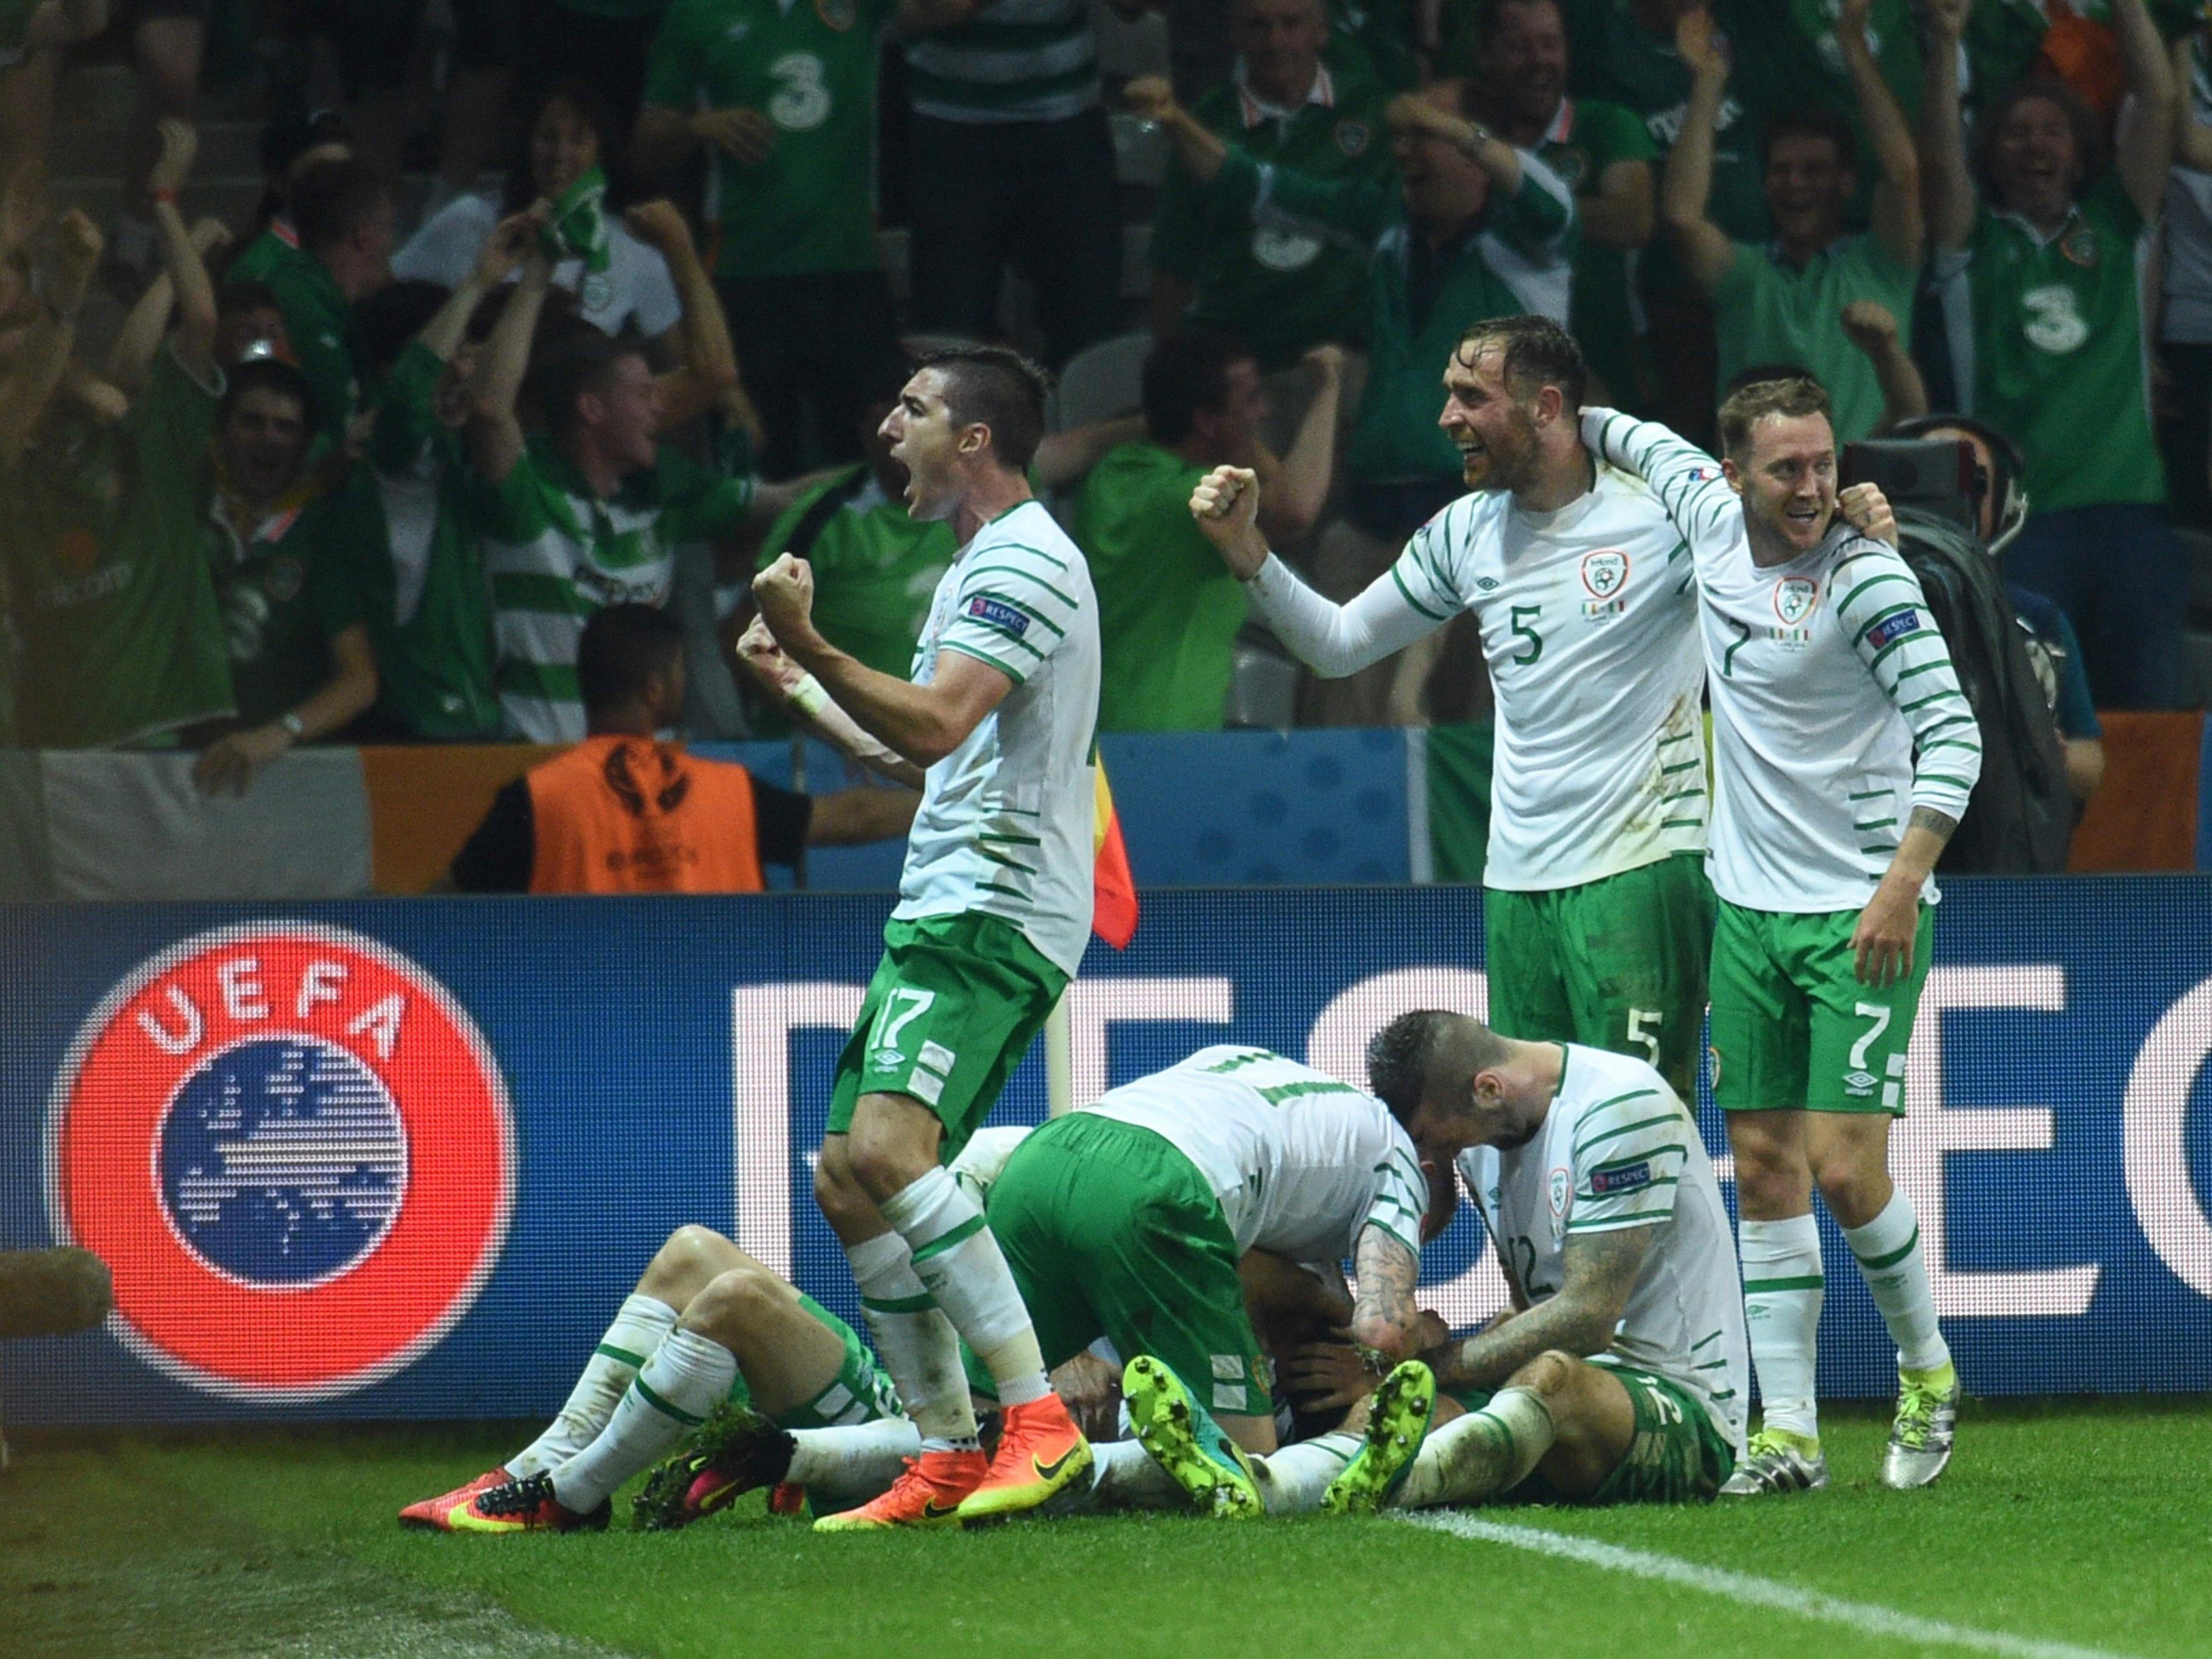 Italien, Belgien und Irland stehen im Achtelfinale.